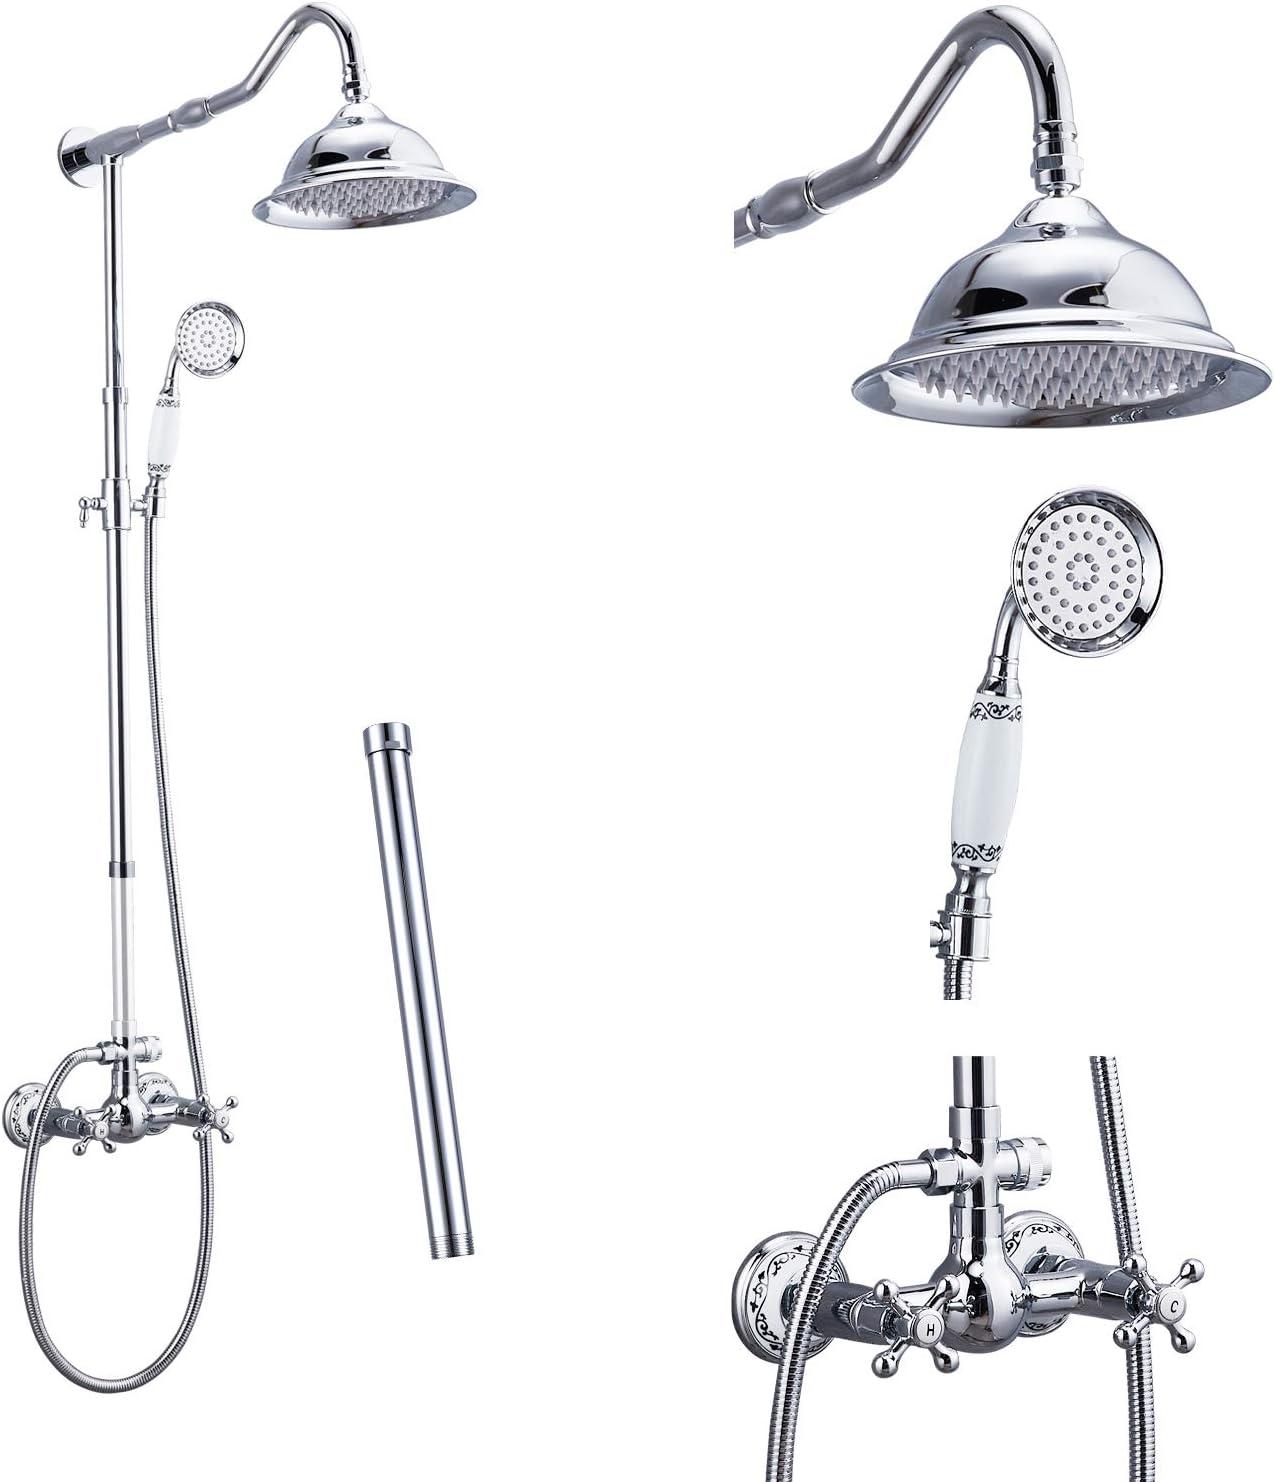 Polish Chrome Shower System Fixture Set Complete 200 Rain Shower 20 Double  Knobs Handle Dual Function Shower Faucet Combo Unit Set 200 Inch Extension